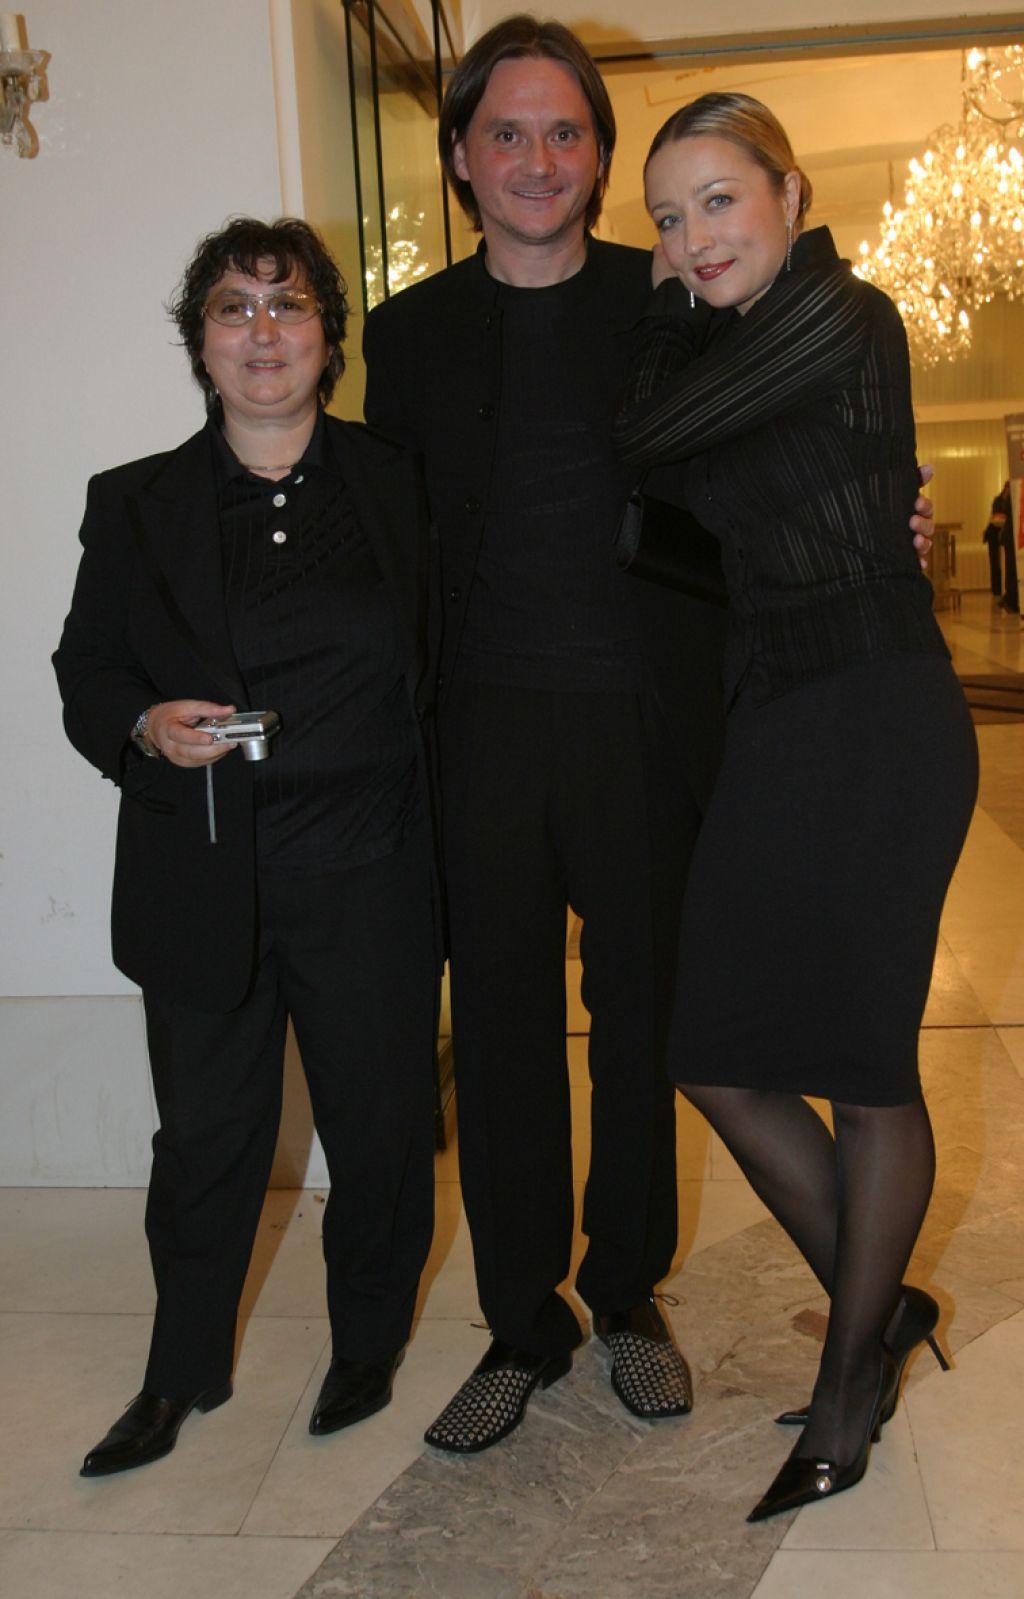 Ljubezen počila: Nataša Barbara in Brane imata mlajše